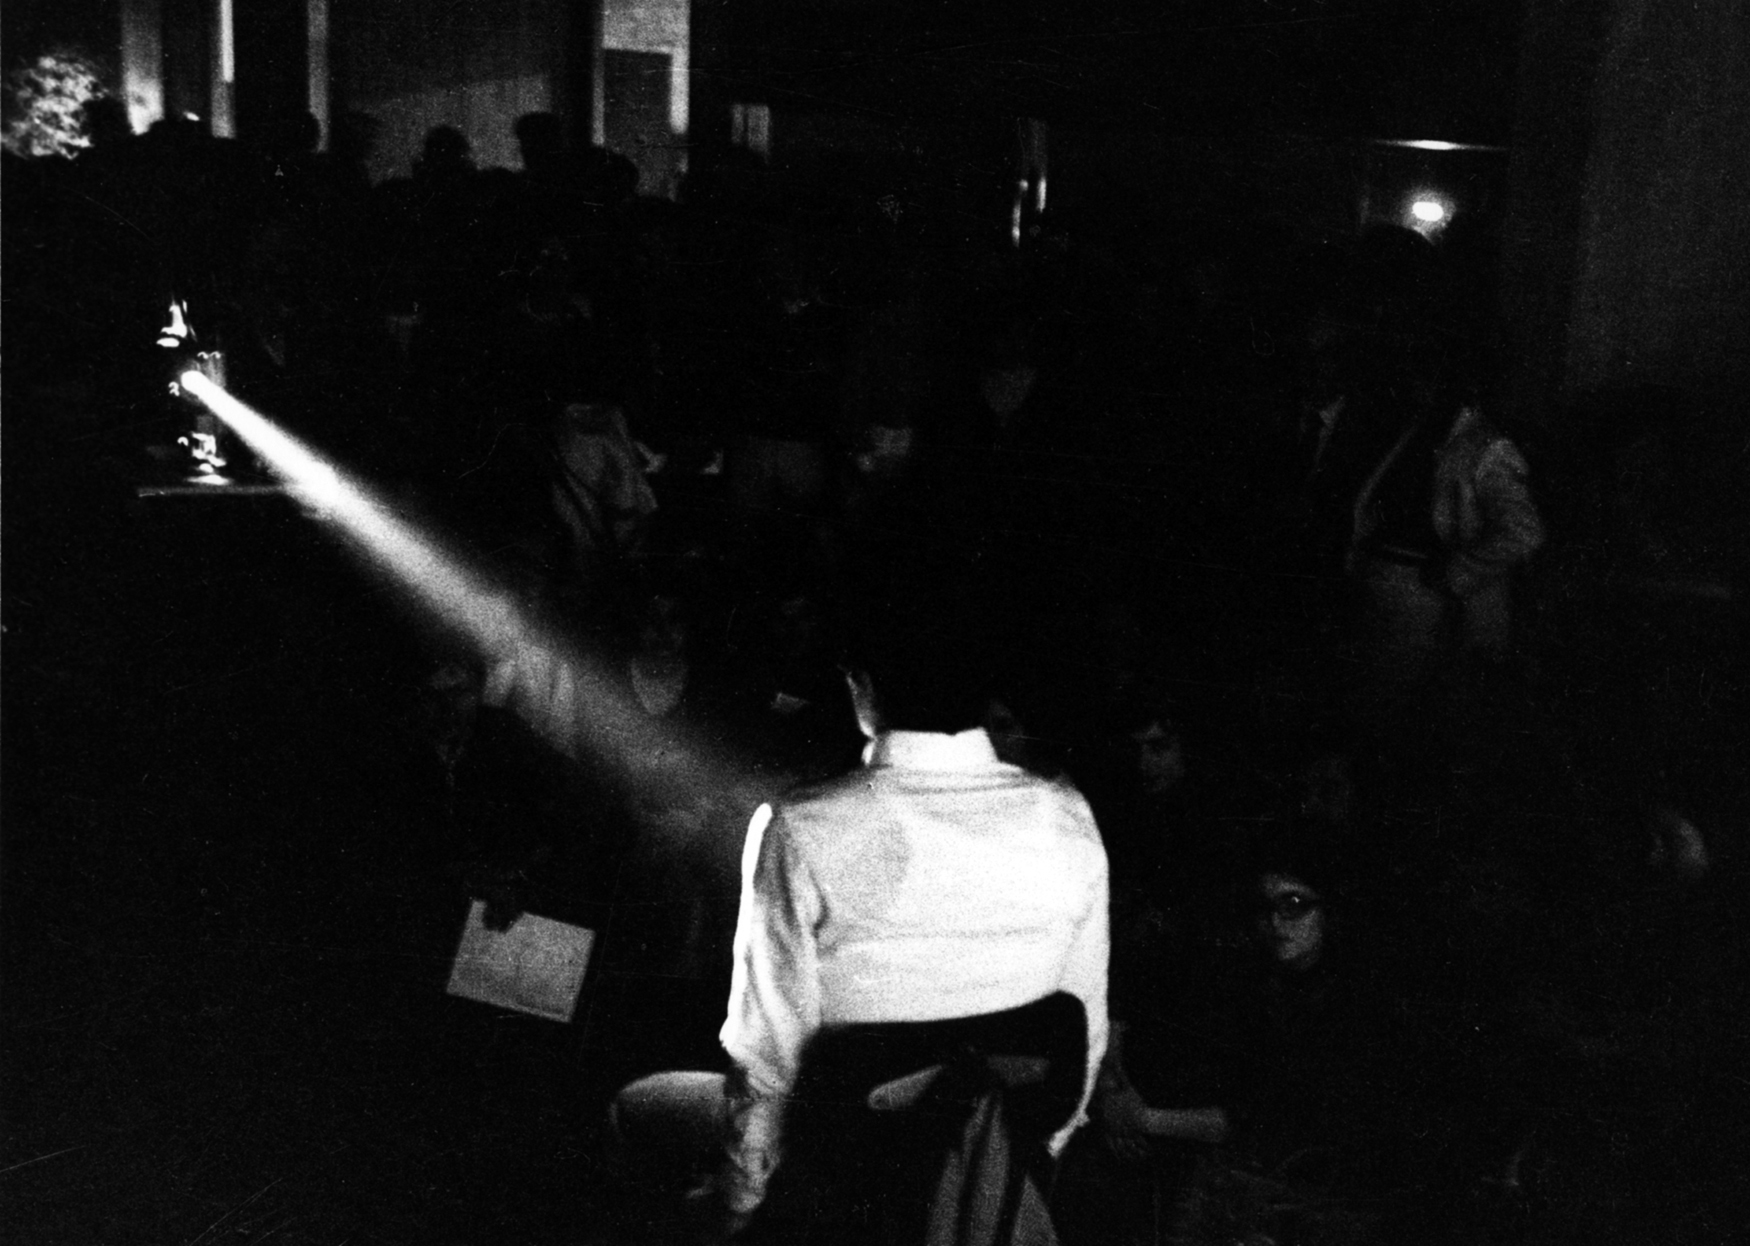 la foto in bianco e nero mostra un uomo girato di spalle che proietta un film di Pasolini